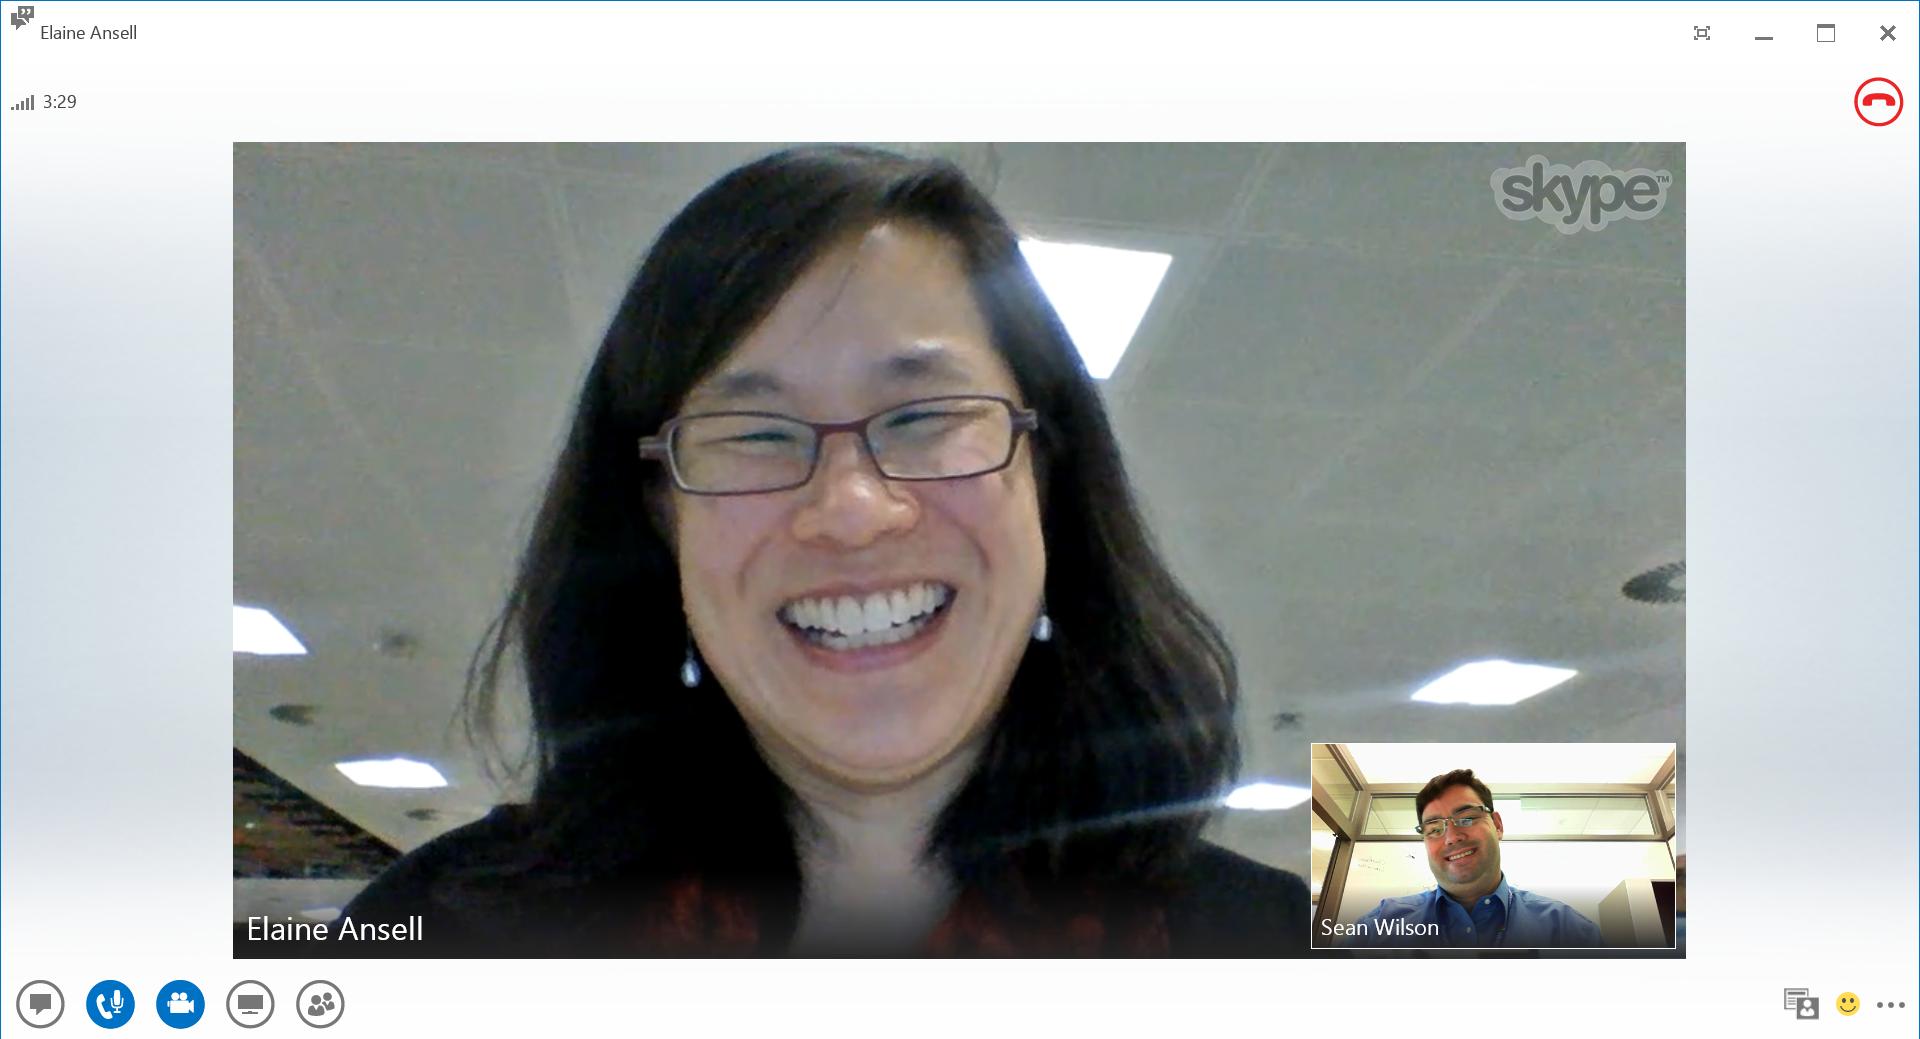 Skype video call screen capture.